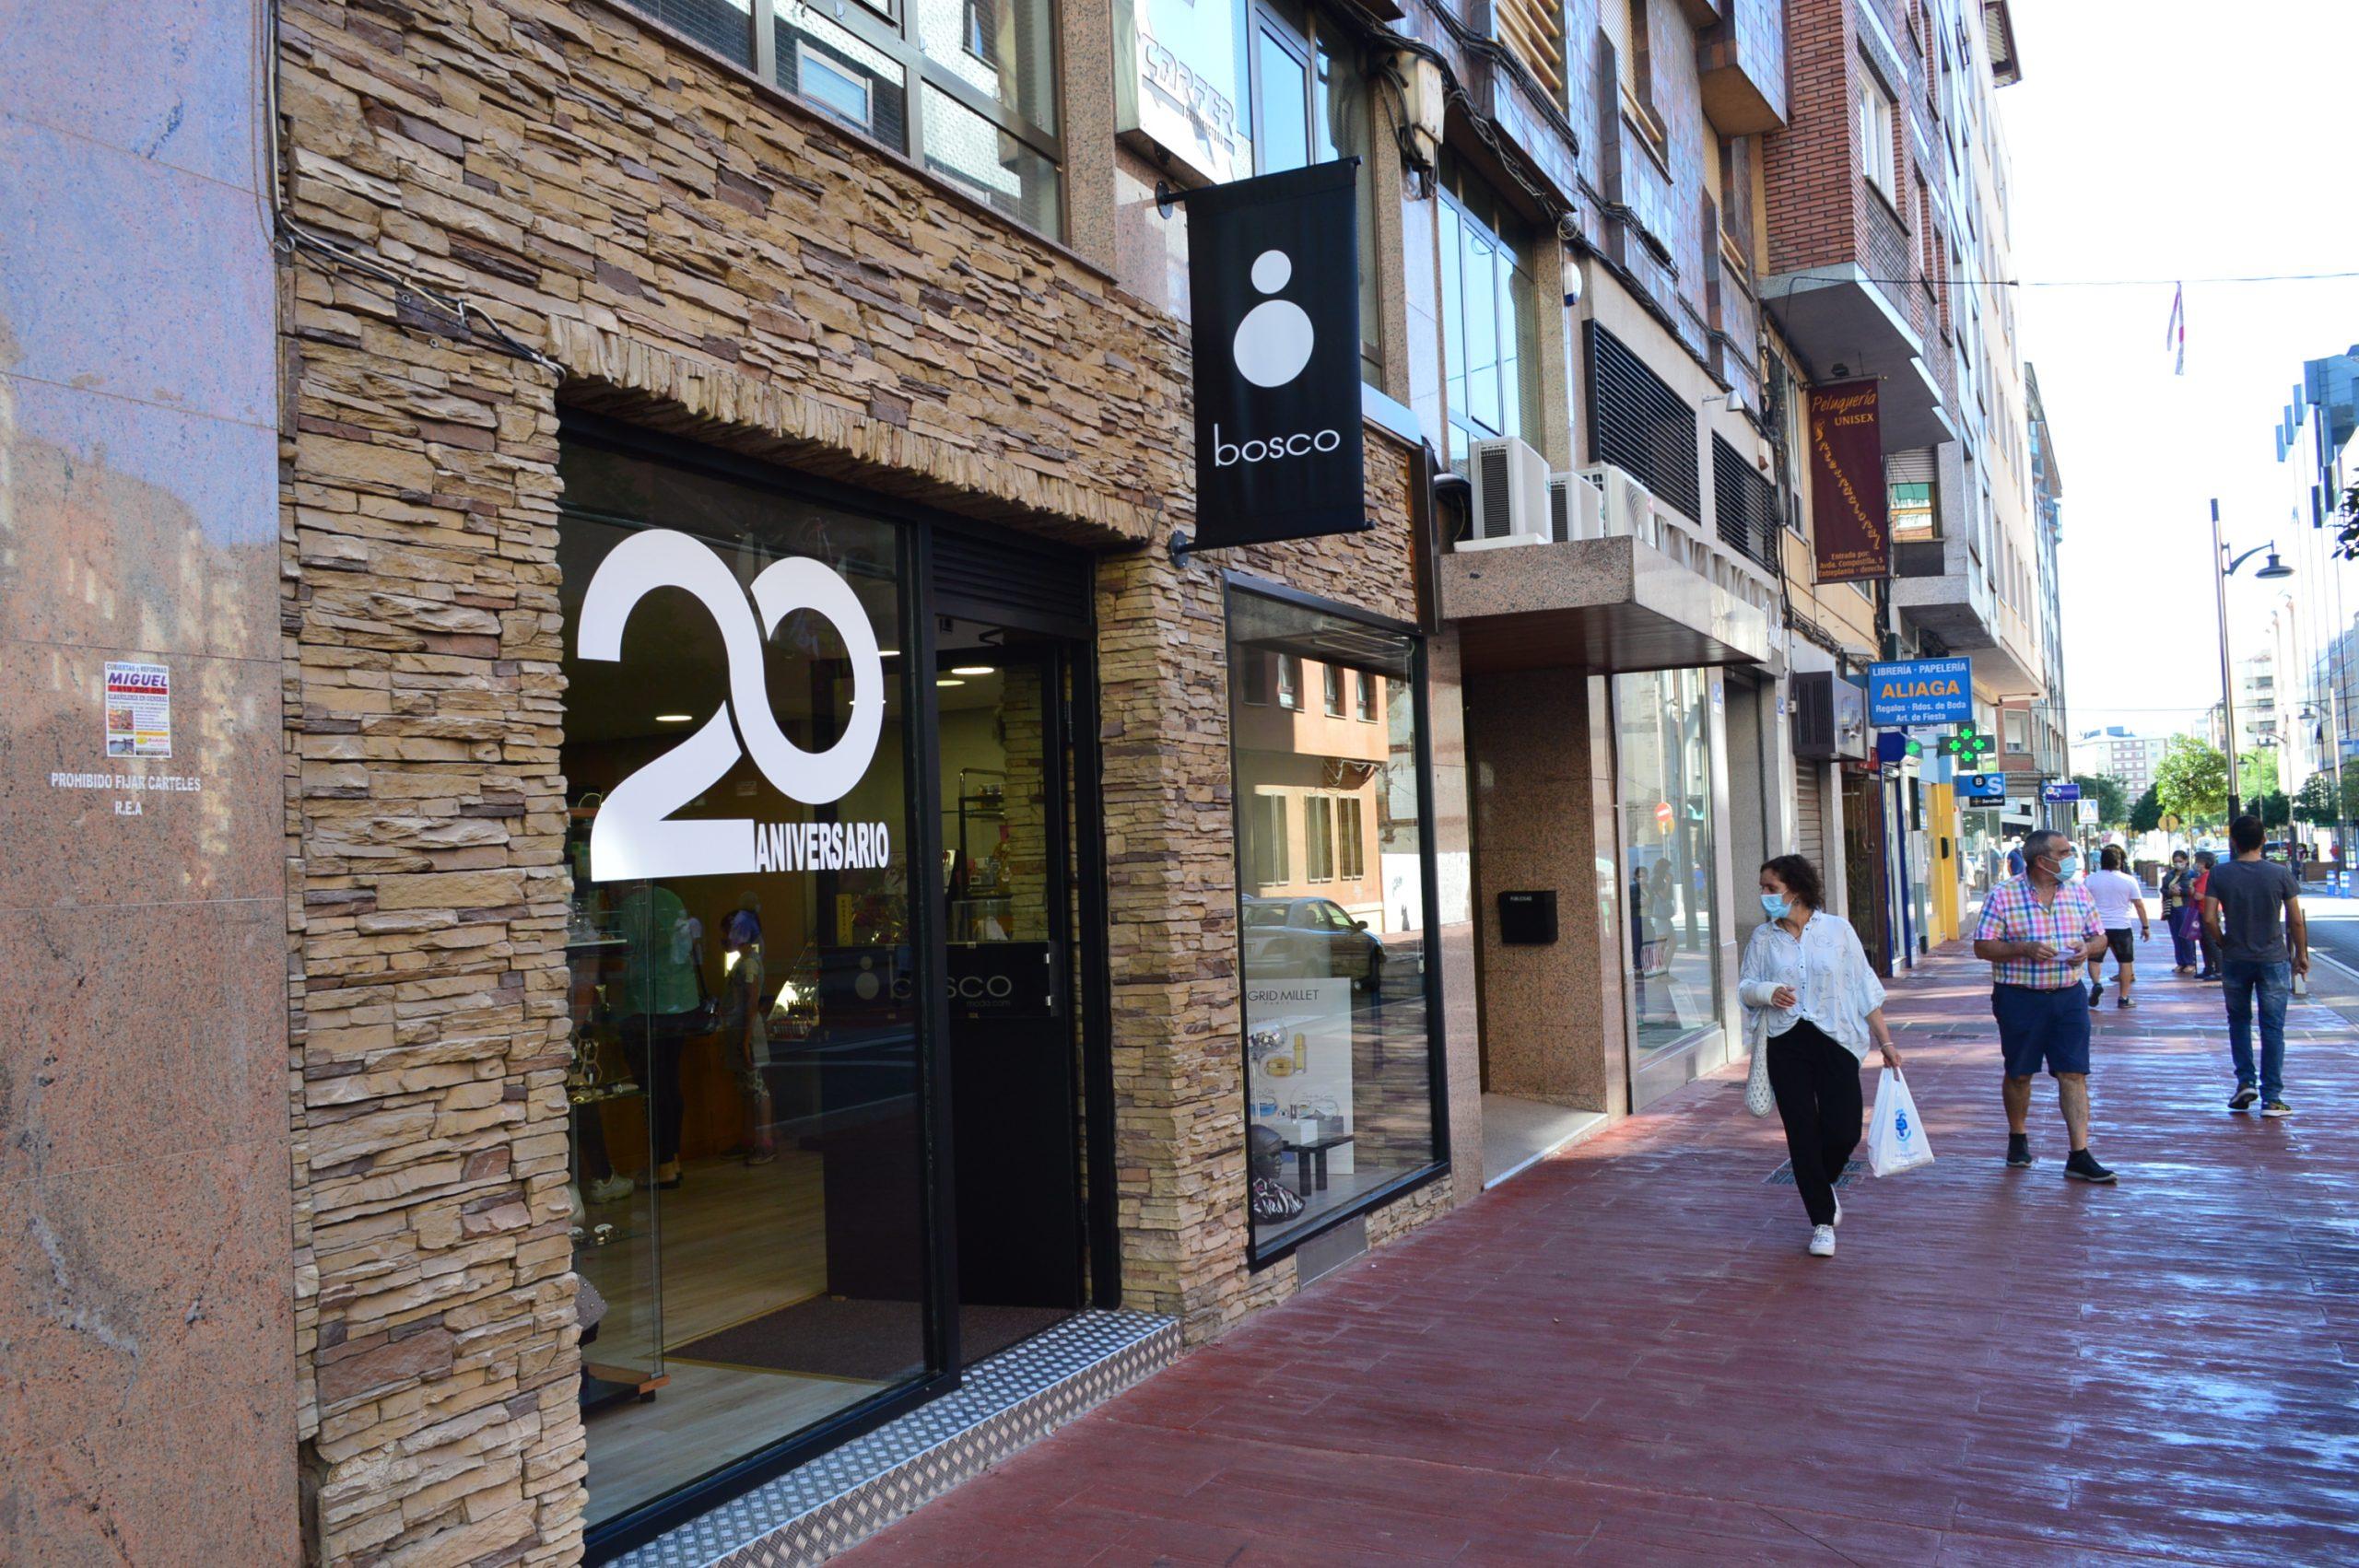 Bosco celebra su 20 aniversario con nueva ubicación en el centro de la ciudad 1